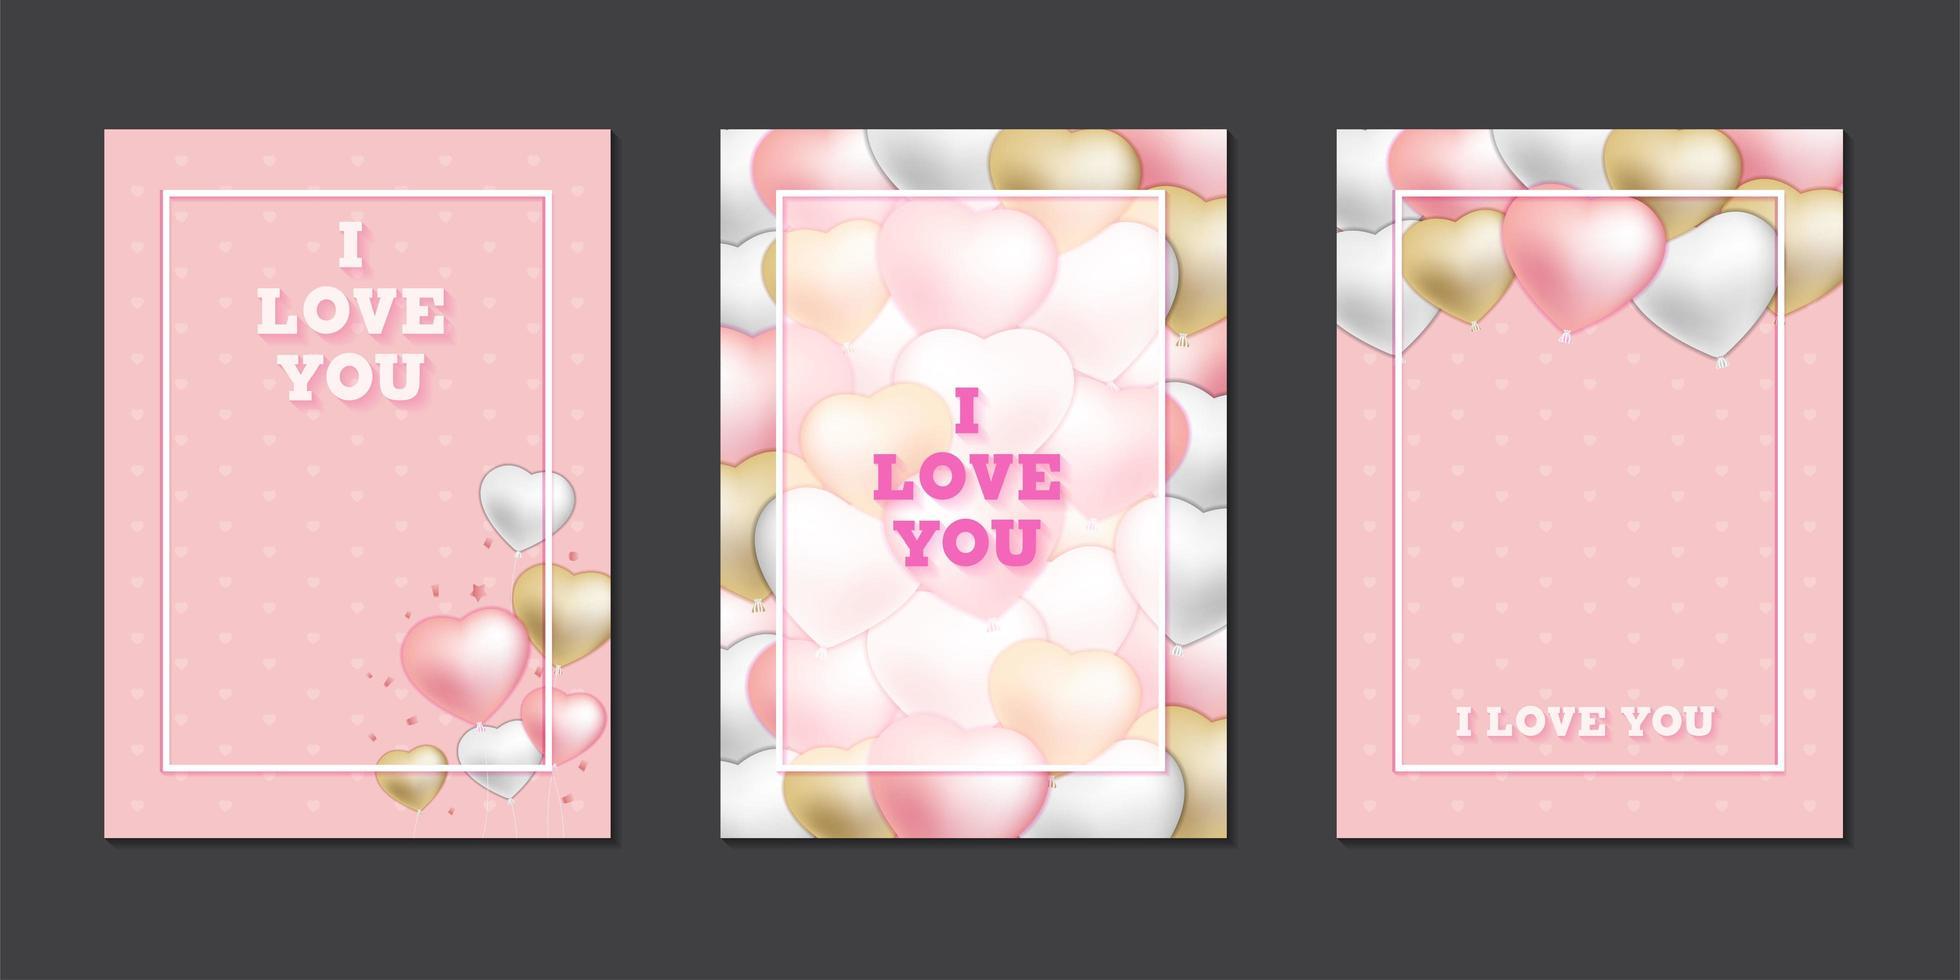 gratulationskort med söta hjärtballonger vektor